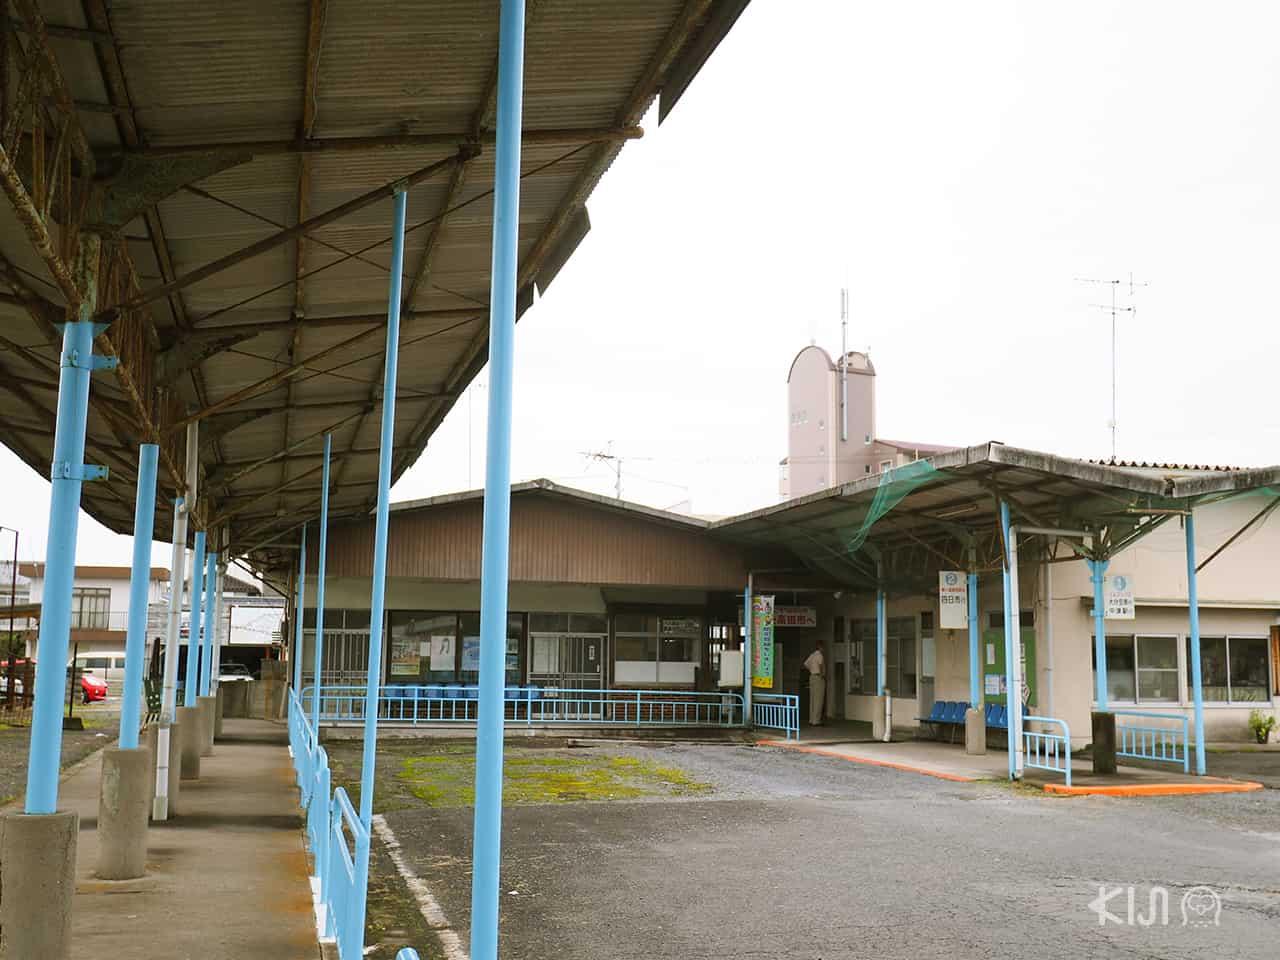 อู่รสบัส ที่บุงโกะทาคาดะ (Bungotakada) จังหวัดโออิตะ (Oita)